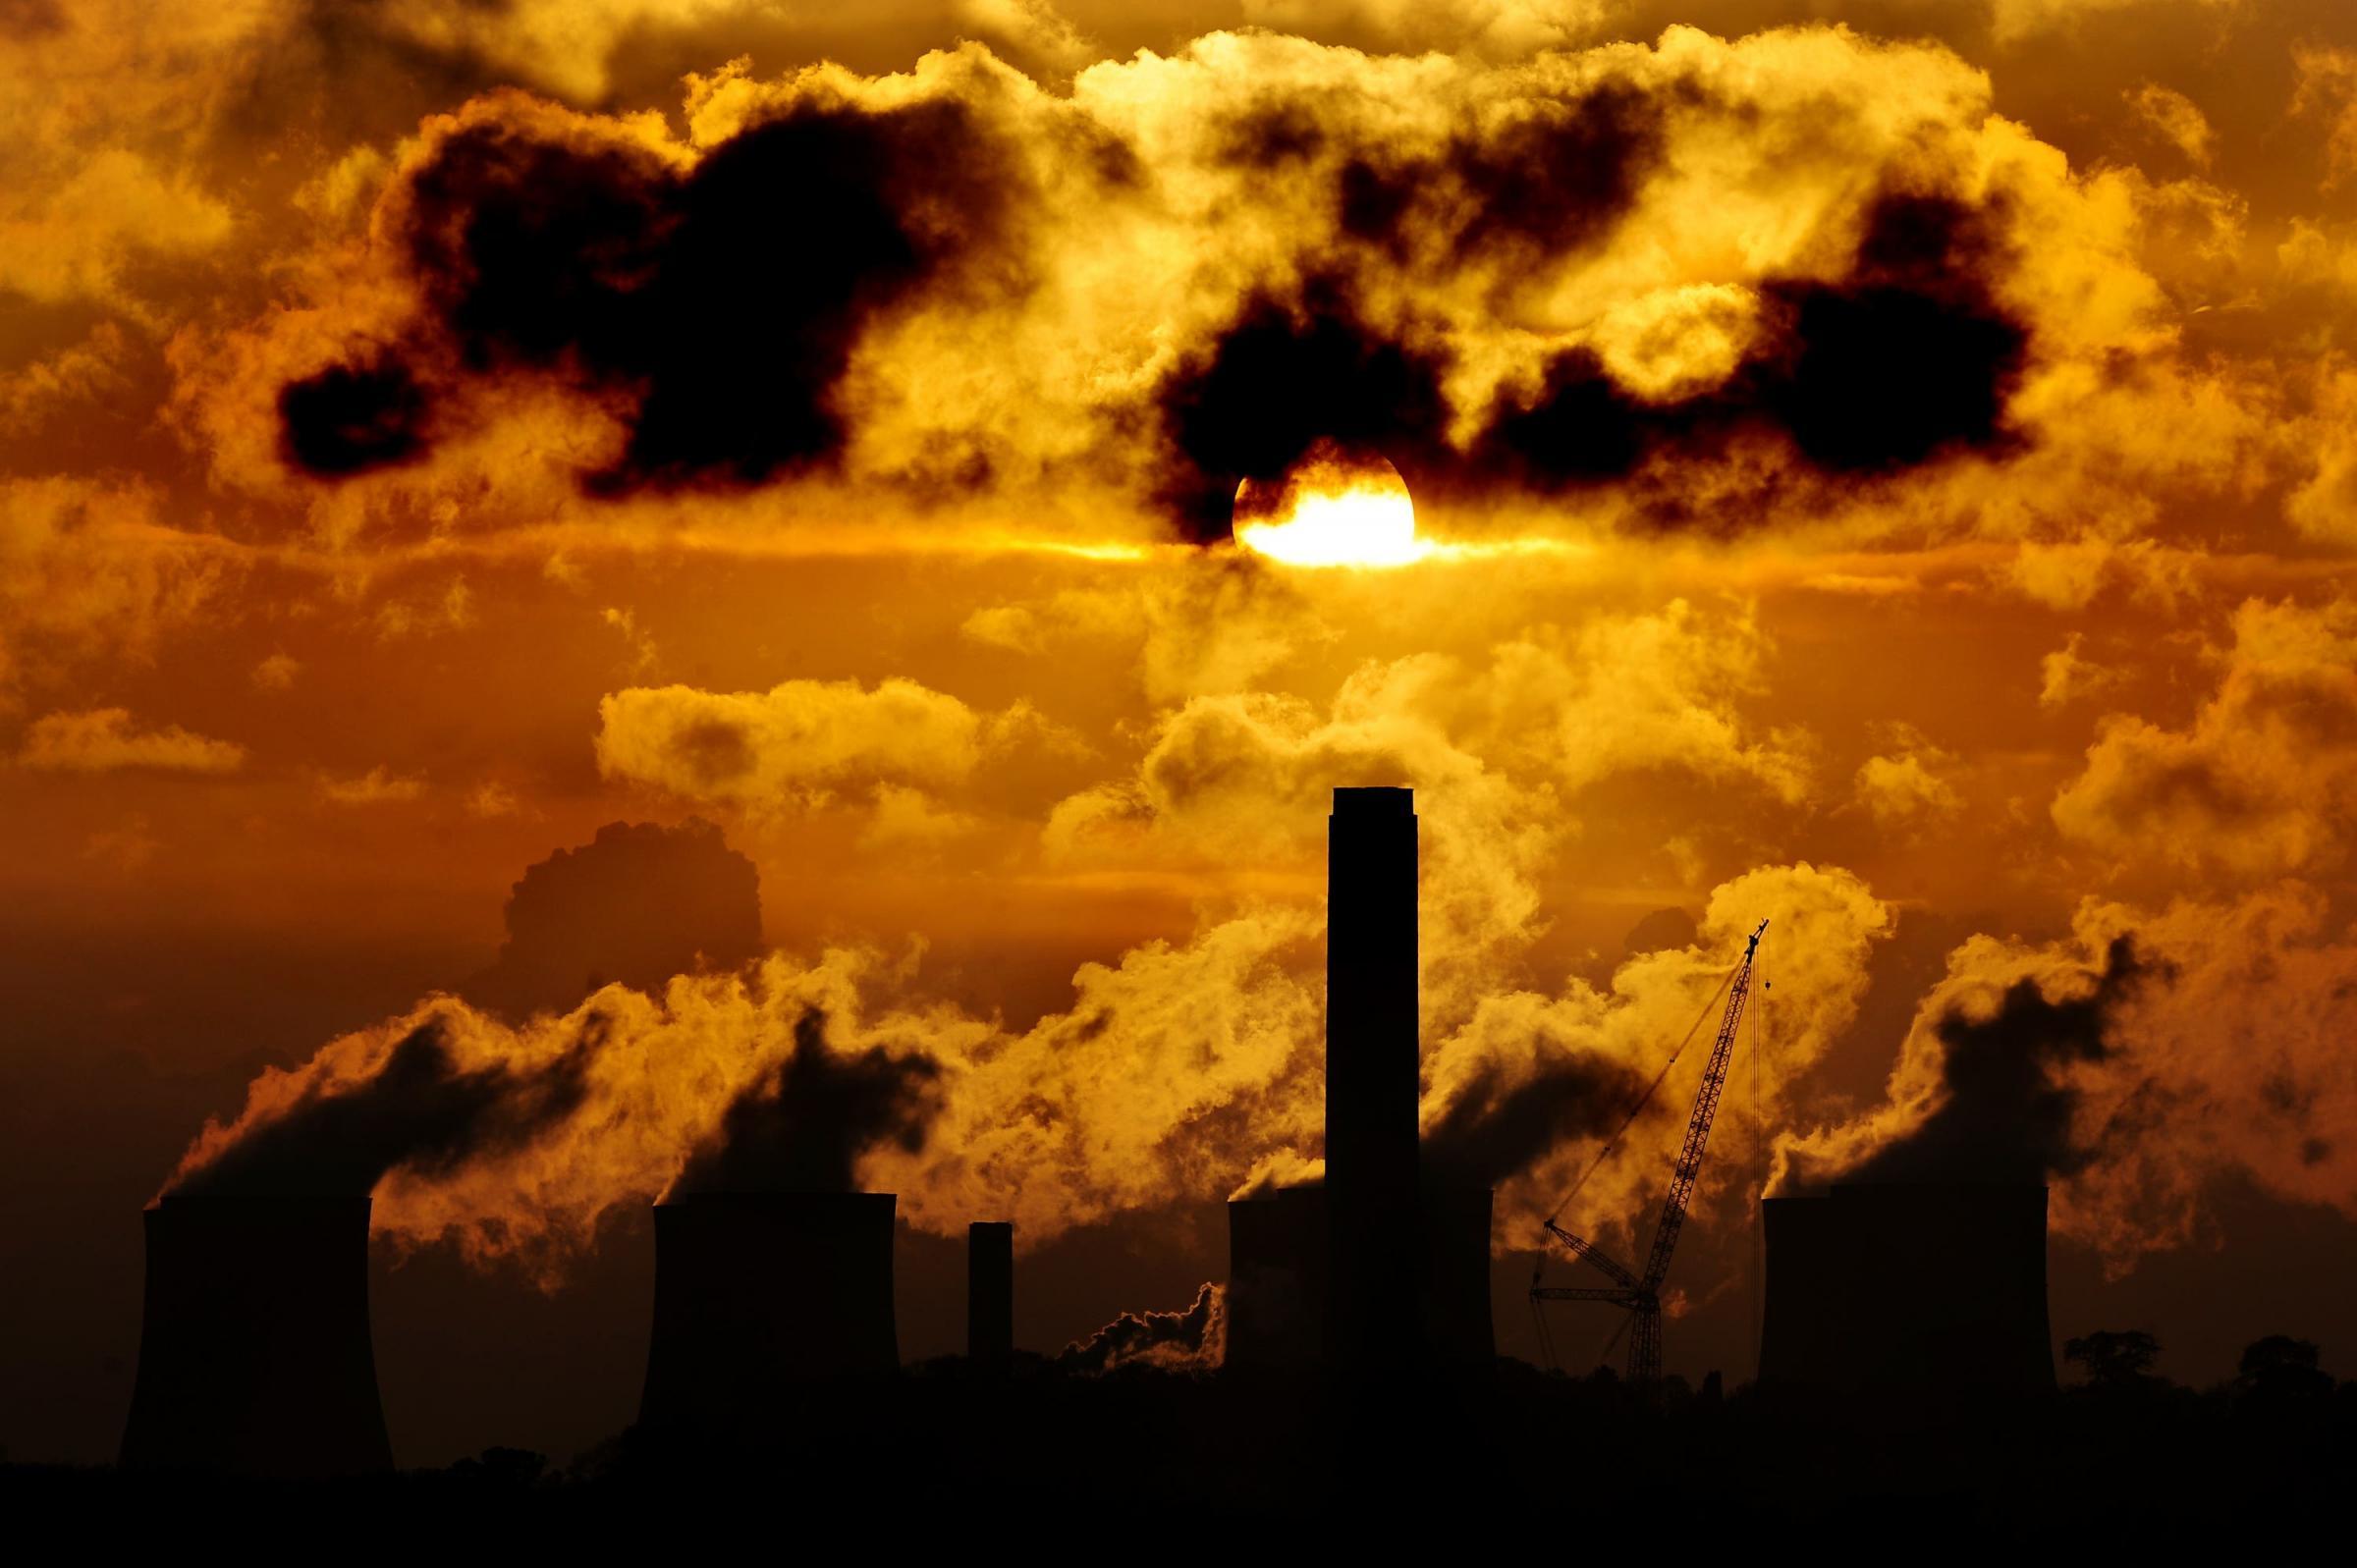 Cartas: Cambio climático: ¿seguiremos hablando o finalmente tomaremos medidas decisivas?